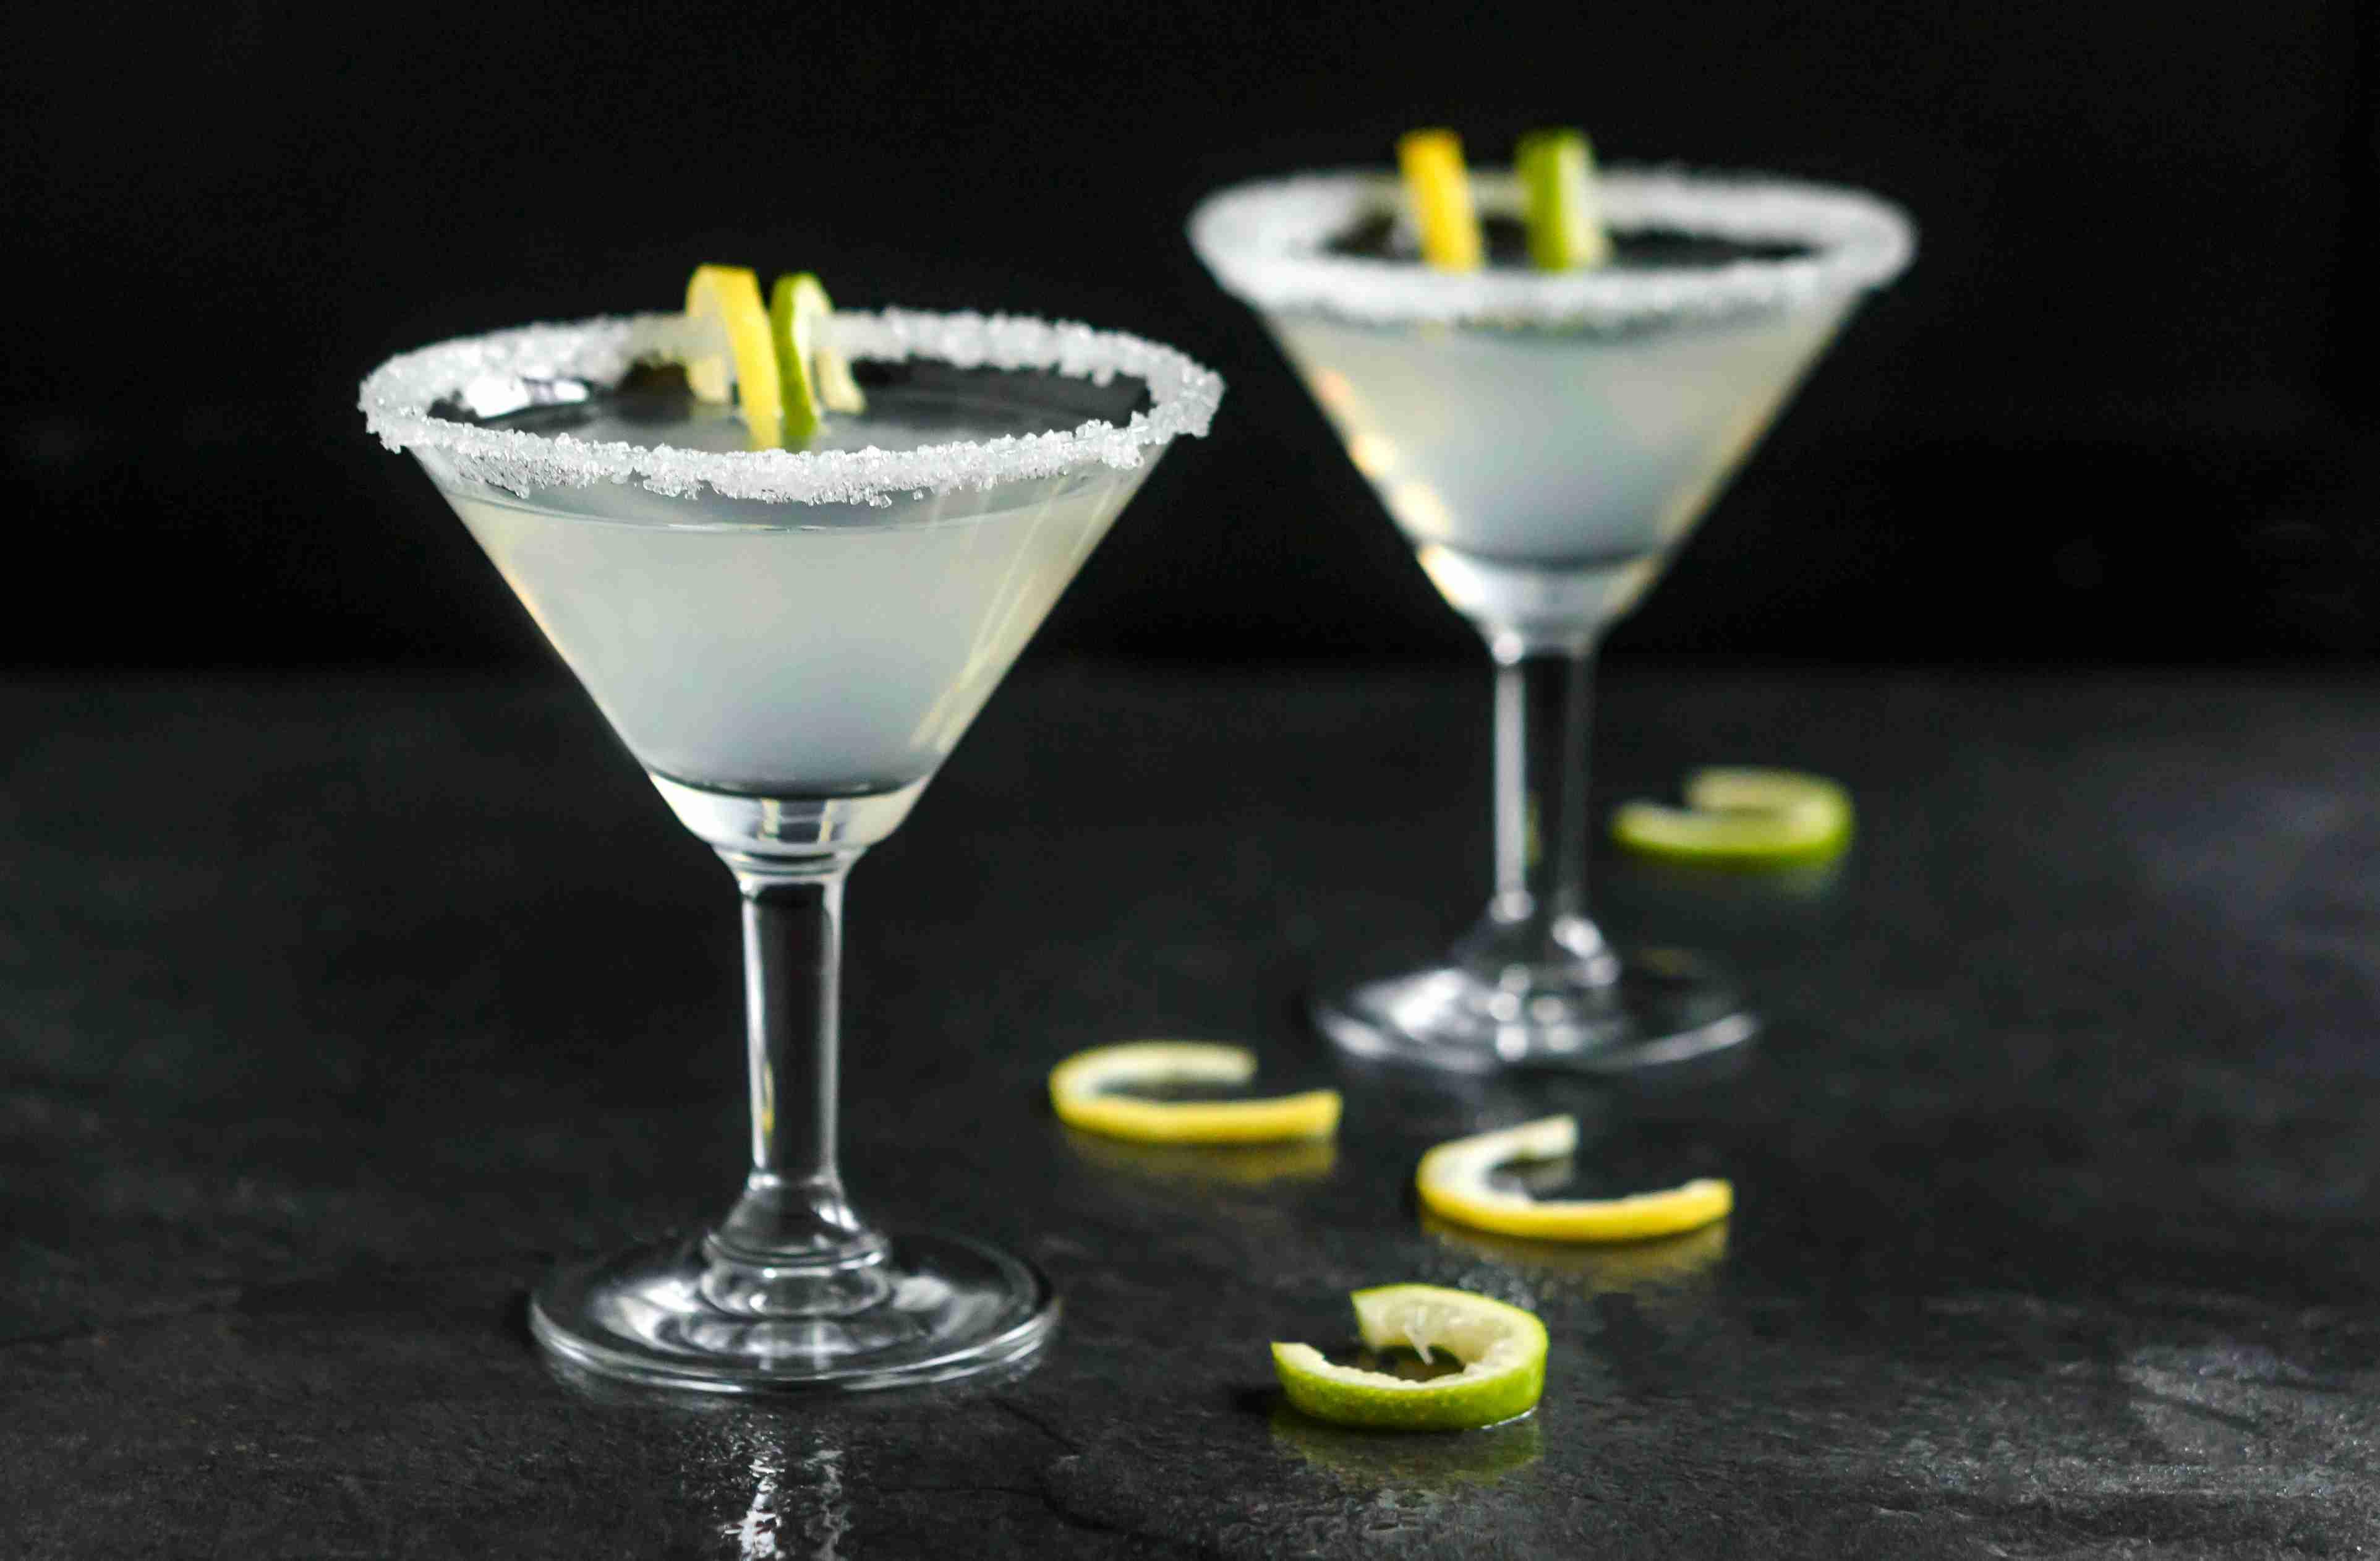 Самые крепкие алкогольные коктейли рецепты. самые знаменитые коктейли